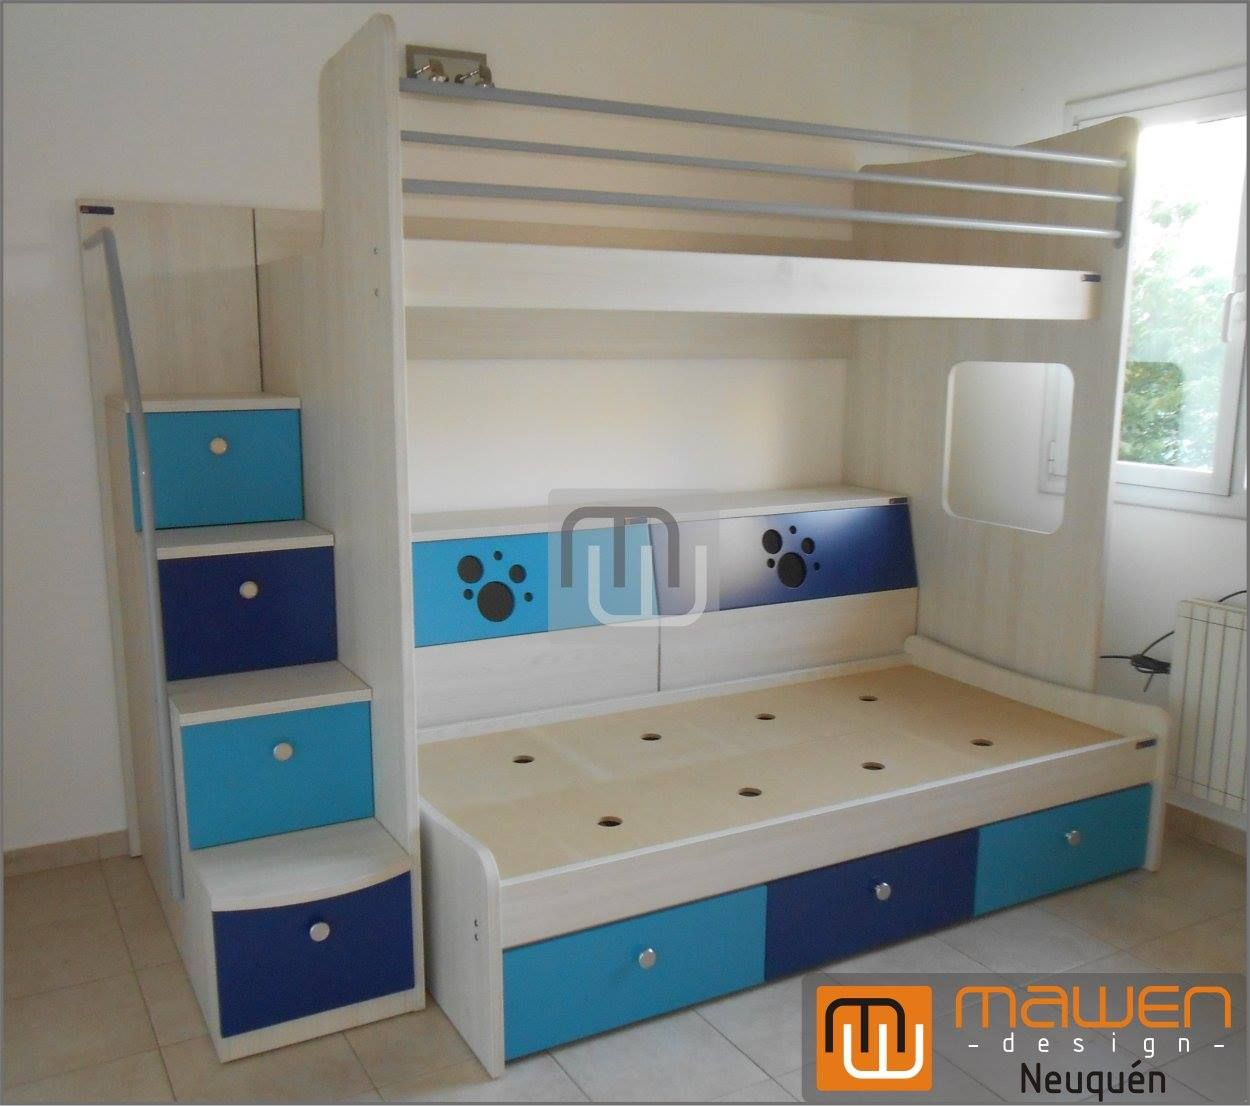 Cucheta alta con baranda triple y escalera de cajones para subir a la cama superior melamina - Escaleras para camas nido ...